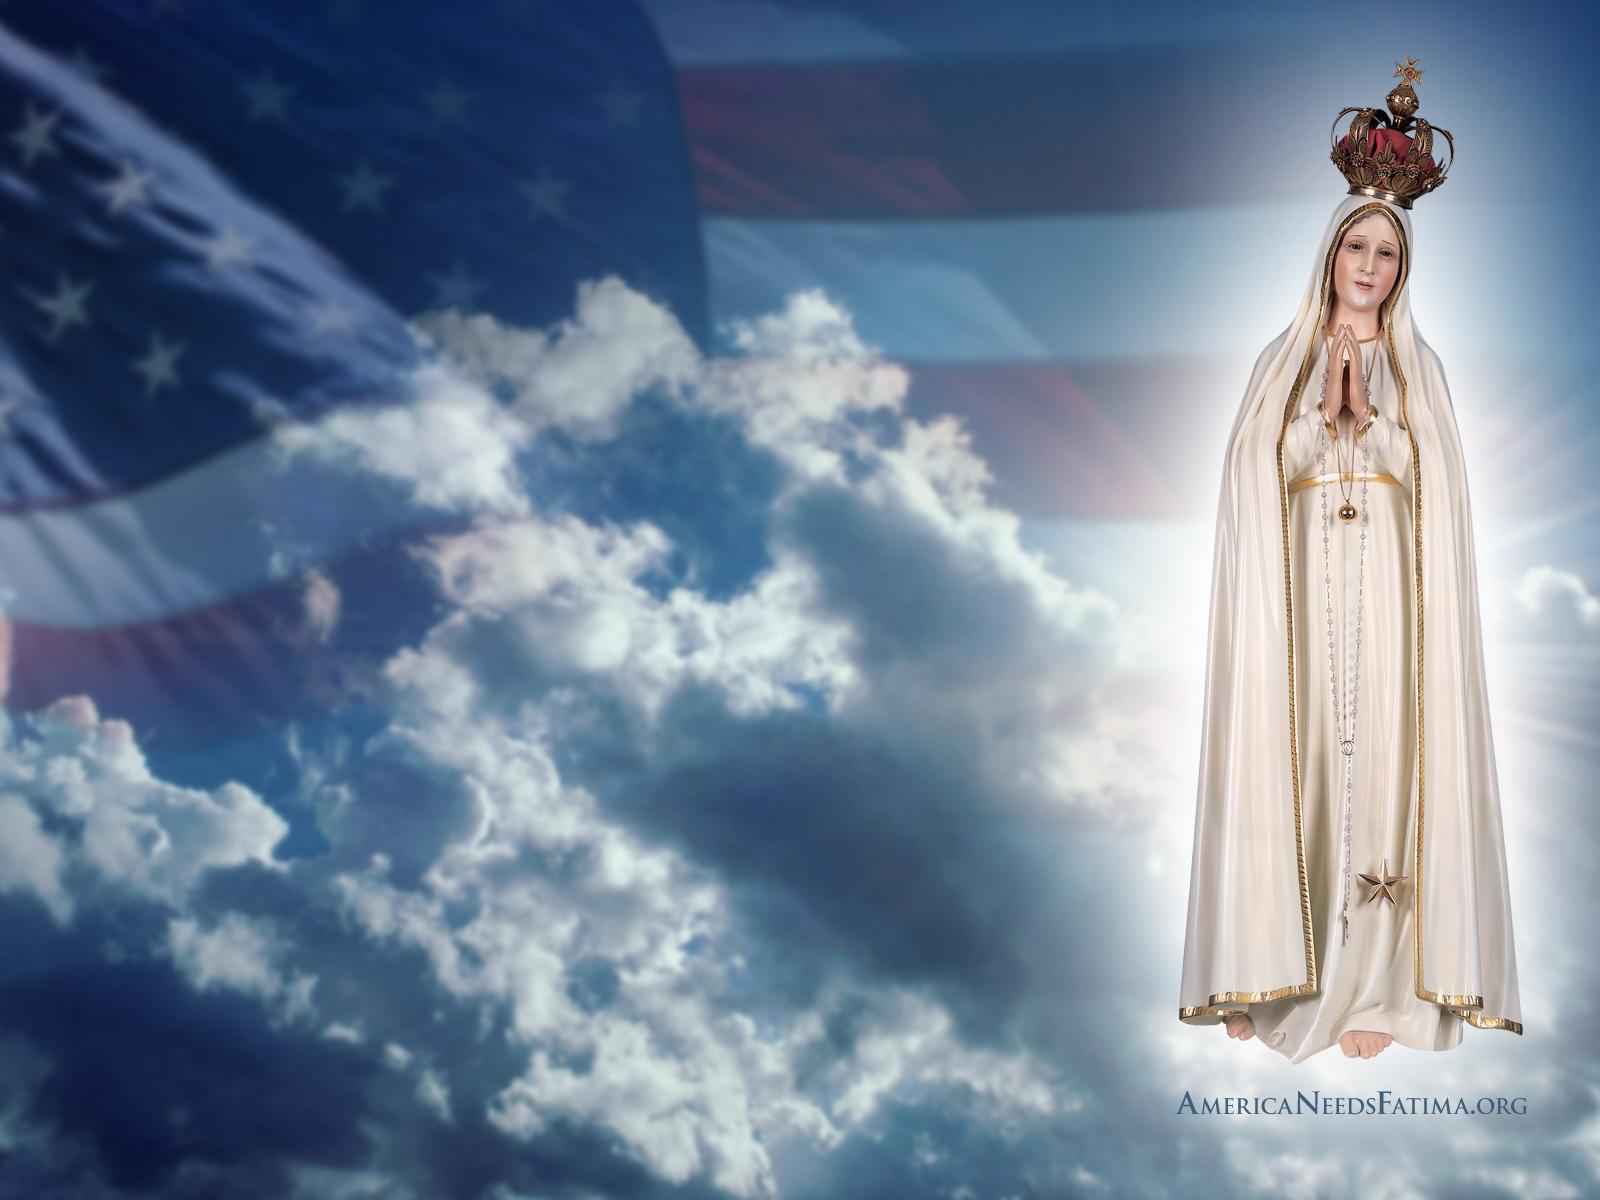 The America Needs Fati...